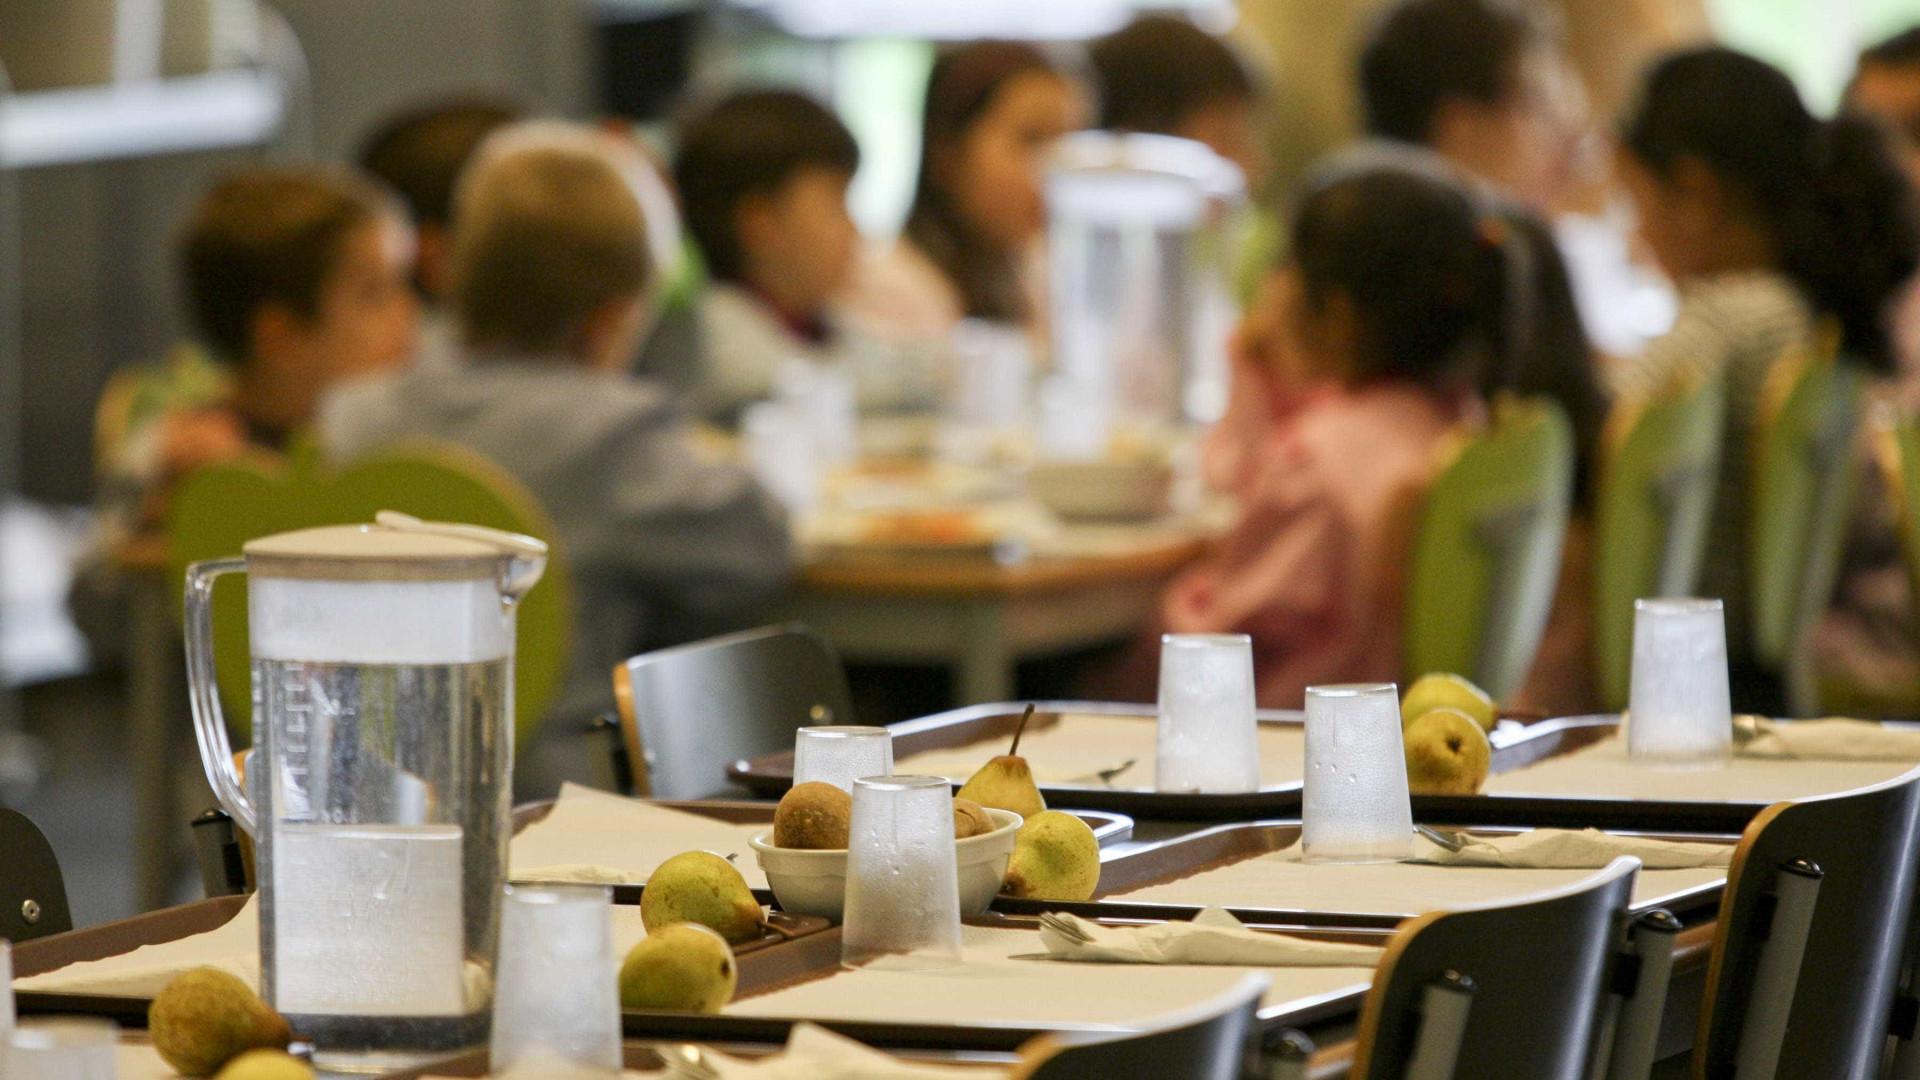 Pais insistem em punir quem não cumpre contratos das refeições escolares